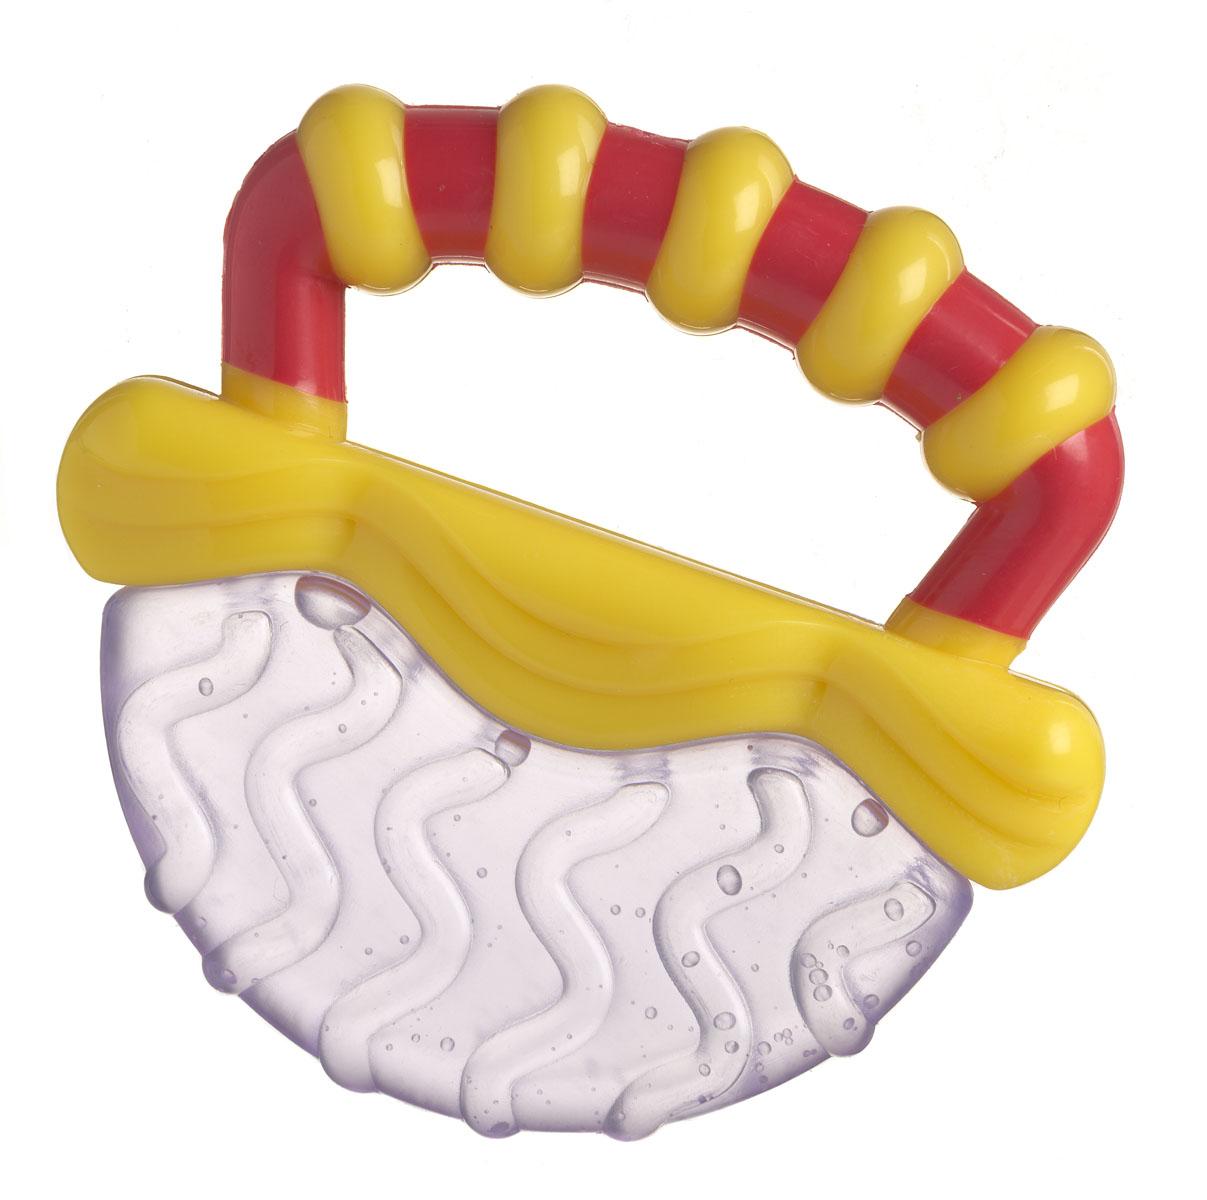 Playgro Игрушка-прорезыватель0183013Охлаждающие прорезыватели выполнены в виде тропических фруктов и наполнены водой. Прорезыватель достаточно охладить в холодильнике в течение нескольких минут. Прохладная, текстурированная поверхность позволит малышу унять зуд, охладит десны. Каждый фрукт имеет свой фактурный узор. Ручки прорезывателей были специально разработан таким образом, чтобы малышу было удобно их держать, а рельефы на них стимулируют тактильные ощущения и развивают мелкую моторику. Яркие цвета прорезывателя привлекают внимание ребенка, побуждают к действиям, стимулируют зрение.